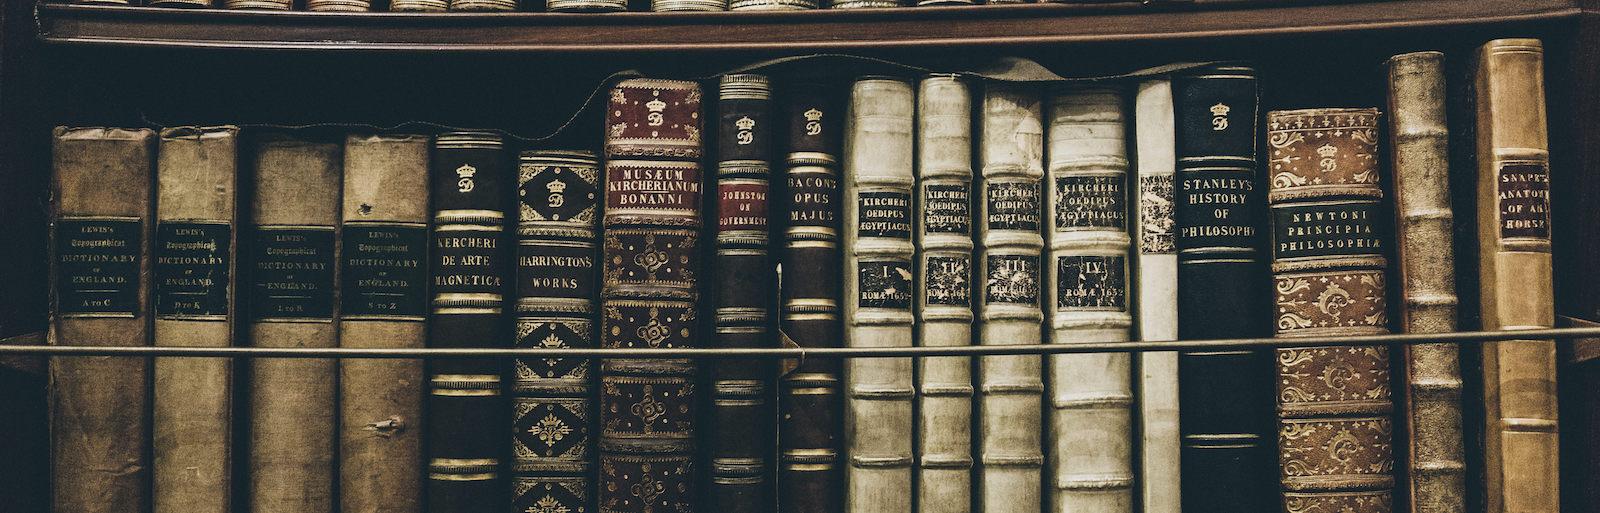 A photo by Thomas Kelley. unsplash.com/photos/hHL08lF7Ikc